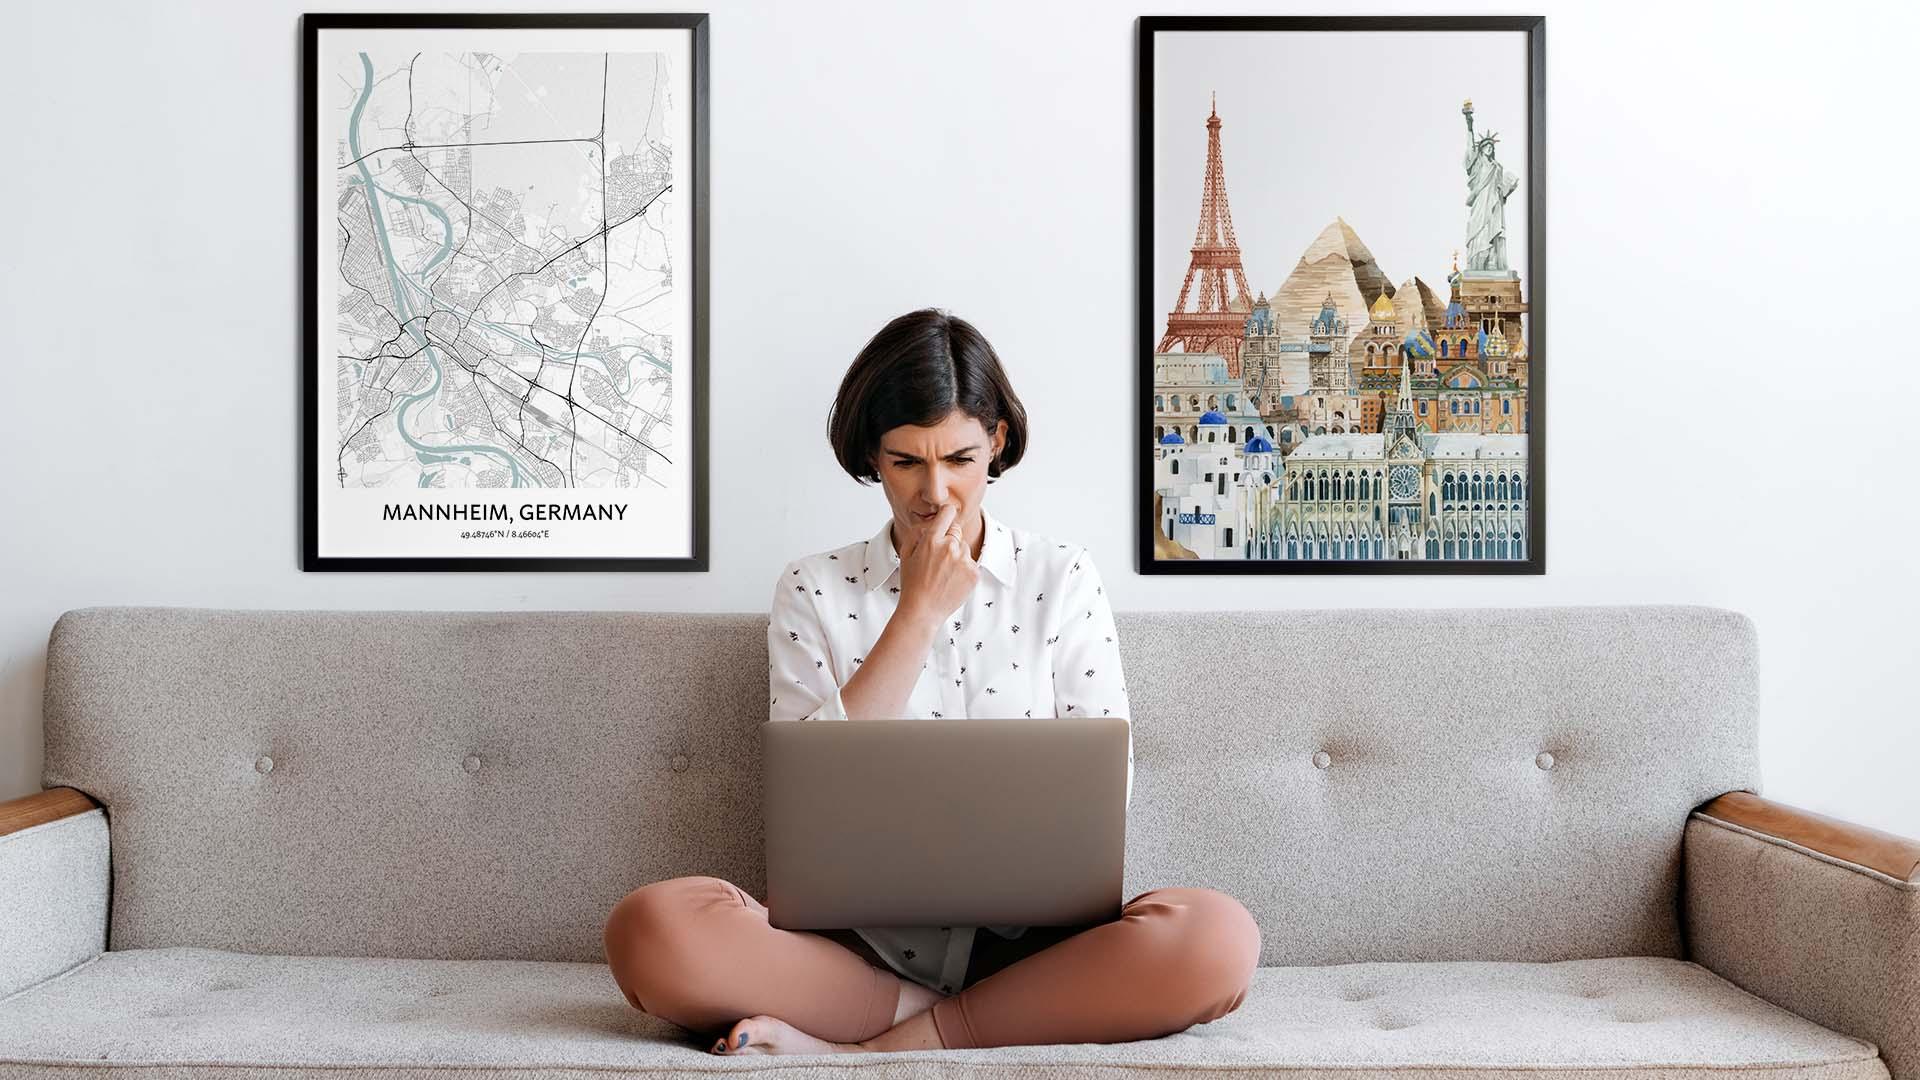 Mannheim city map art